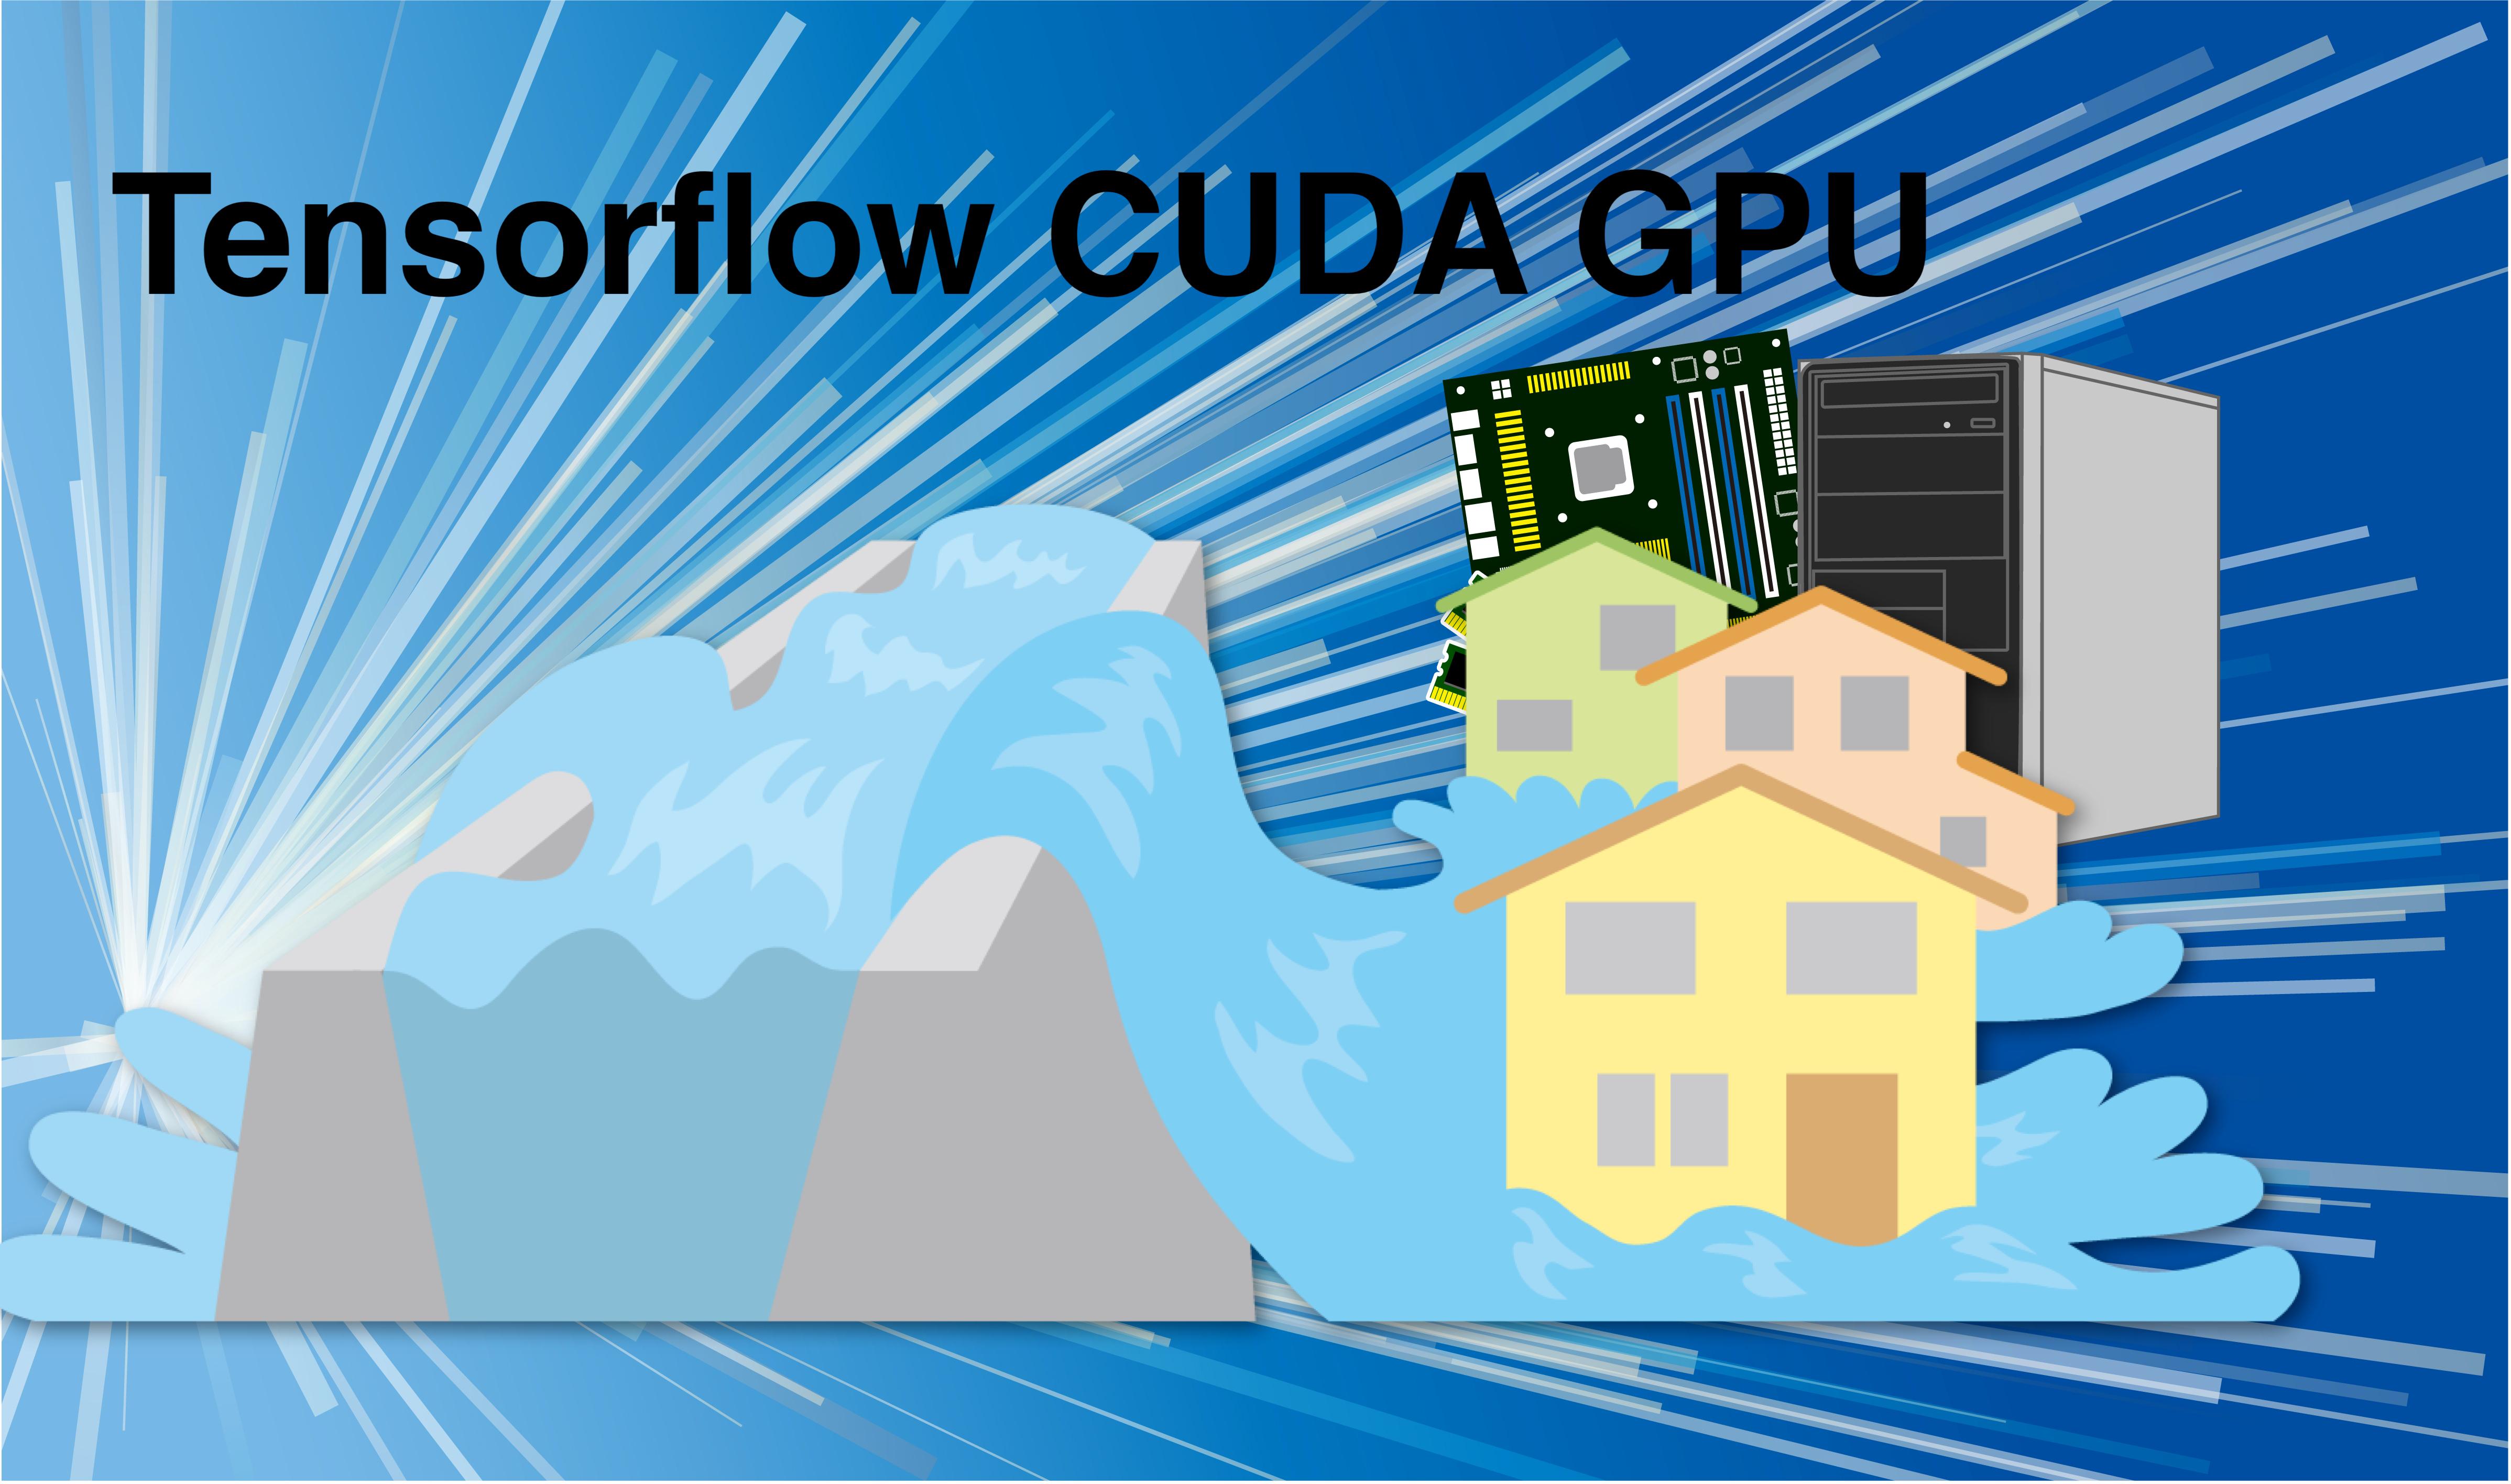 Yolov3 Tensorflow CUDA GPU MemoryError